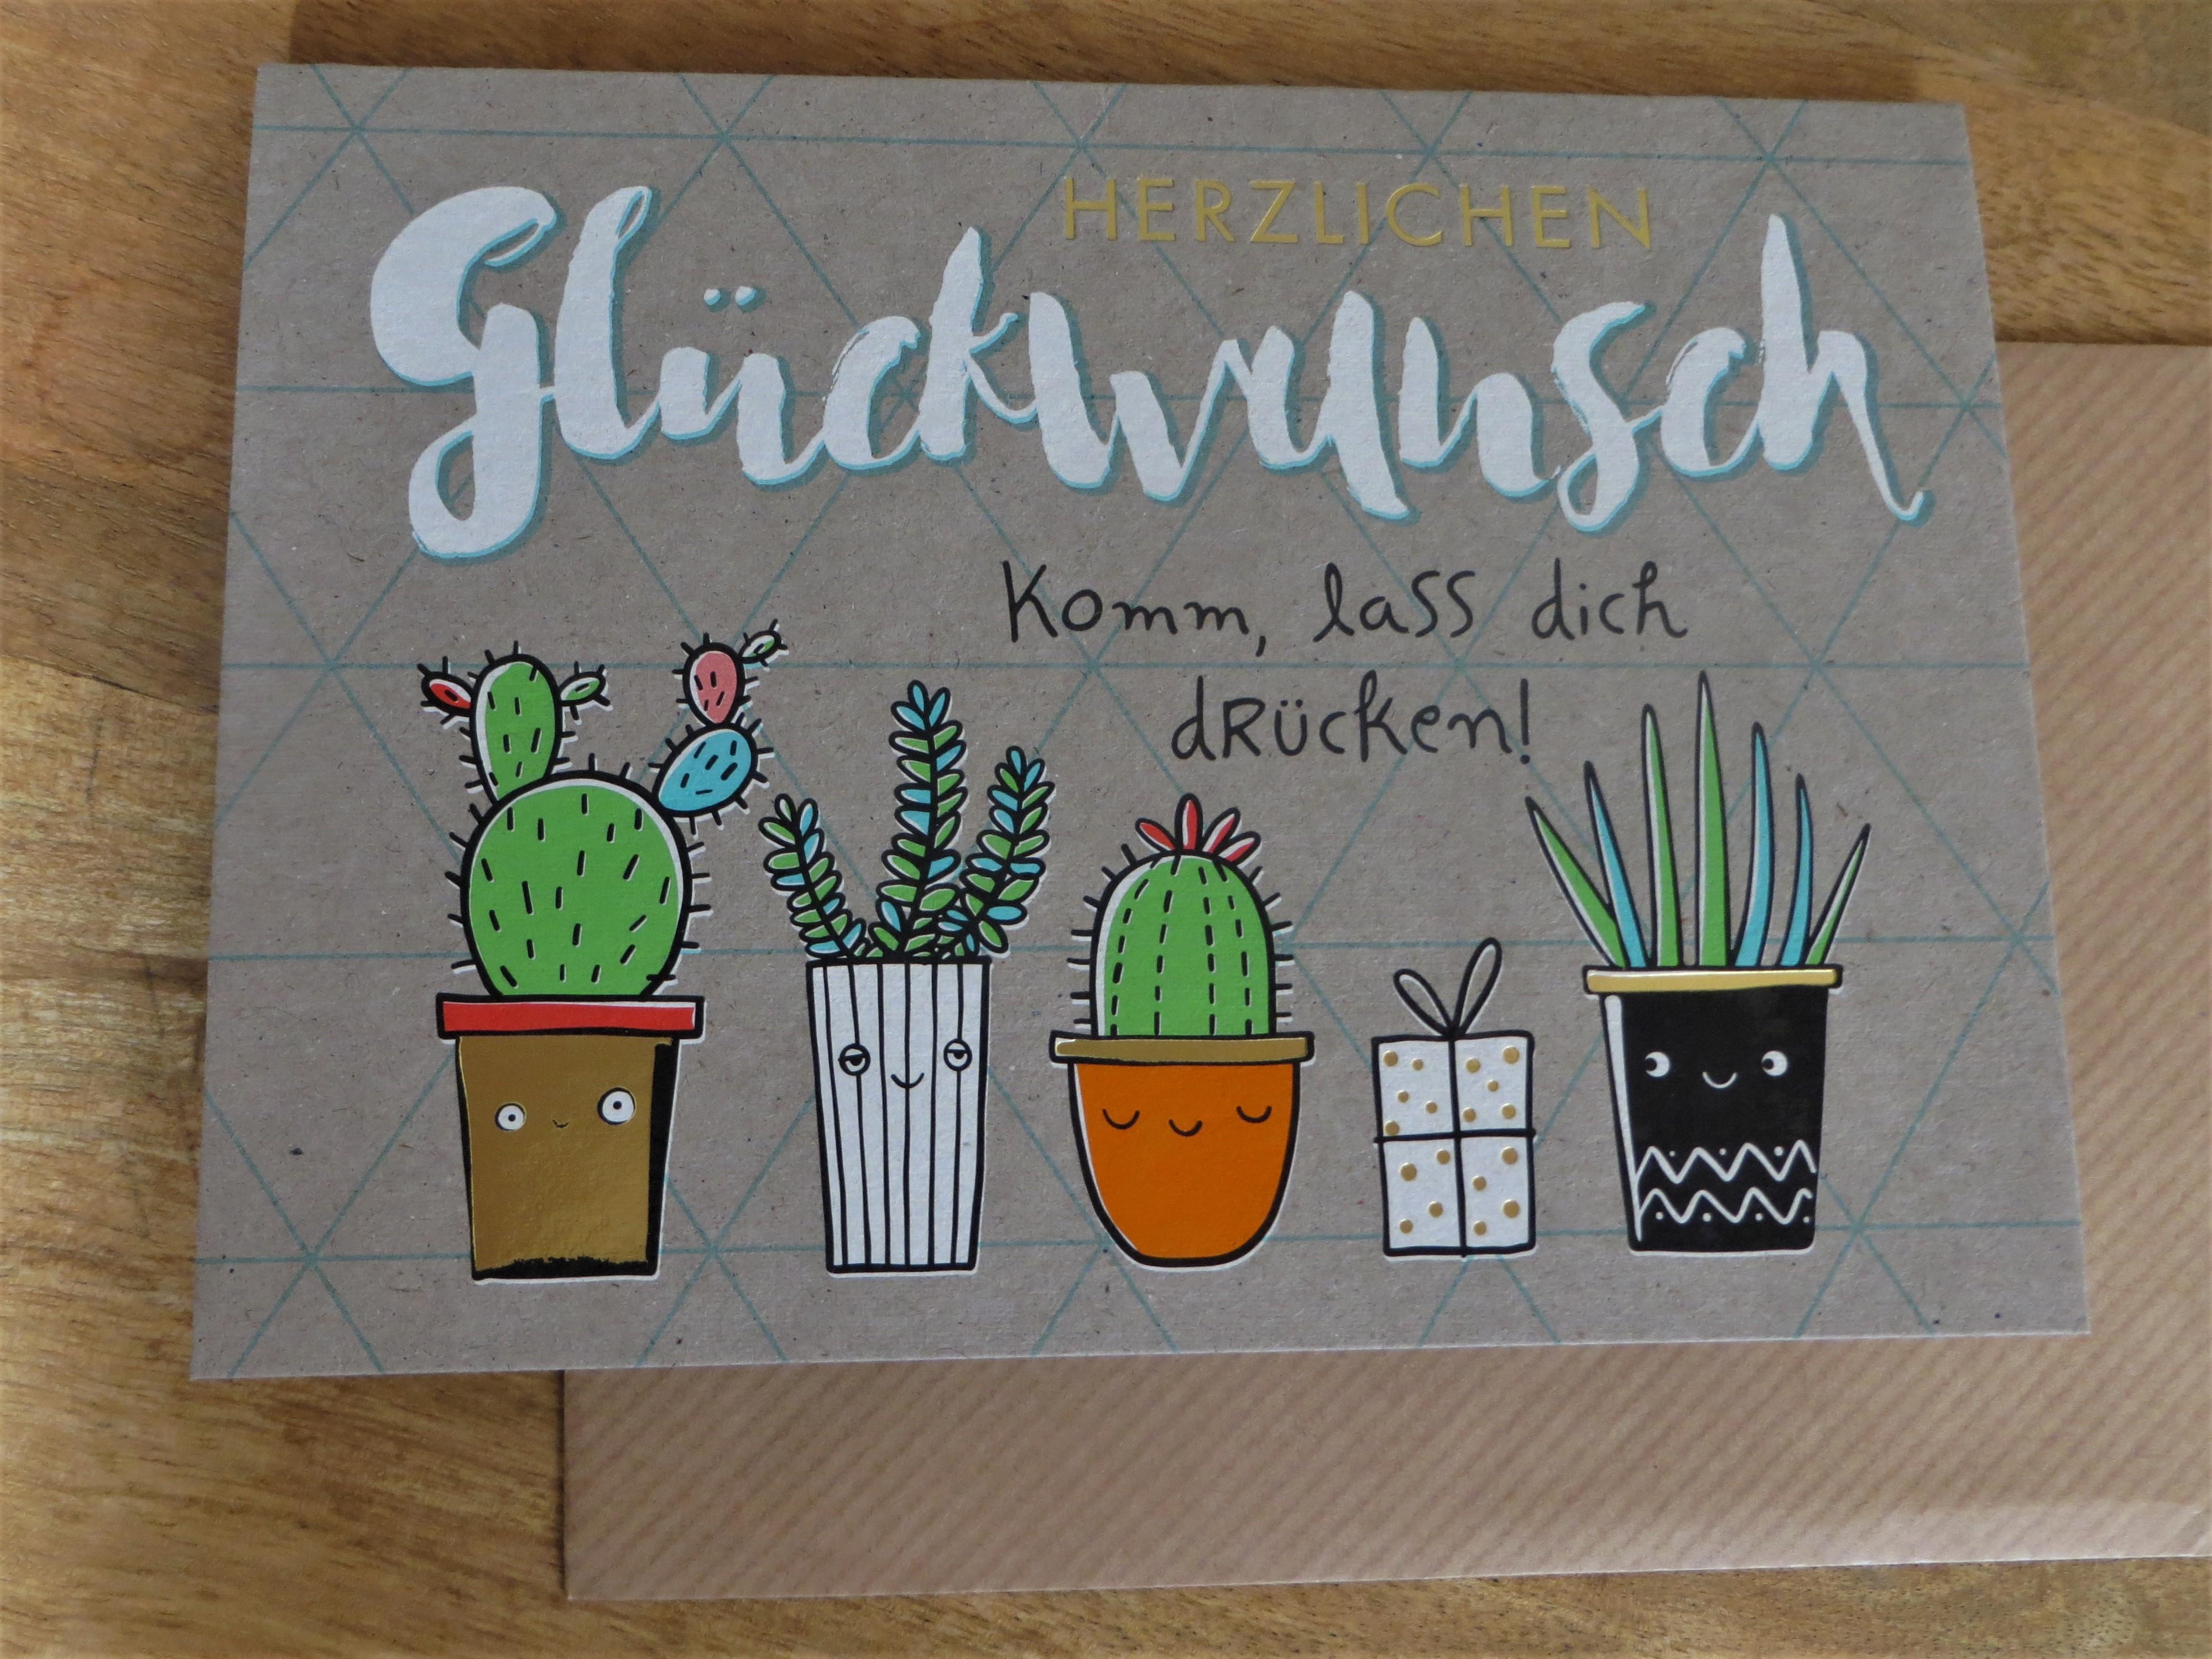 Nützlichgrusskarten - Klappkarte Umschlagkarte HERZLICHEN Glückwunsch Komm lass... KUNST und BILD - Onlineshop Tante Emmer